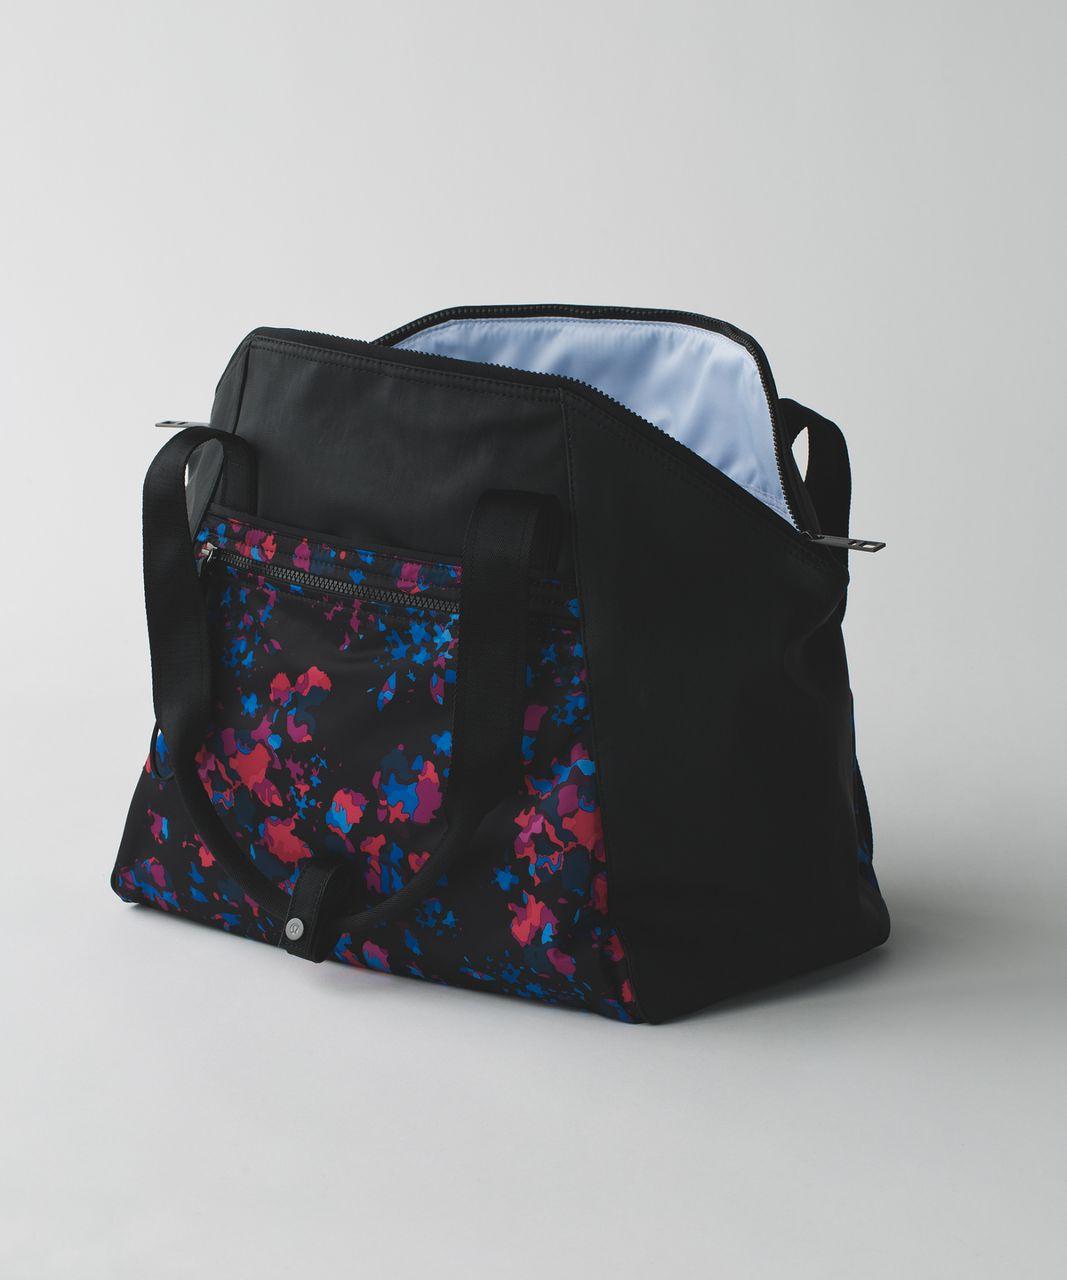 Lululemon Free to Be Bag - Dandy Digie Multi / Black